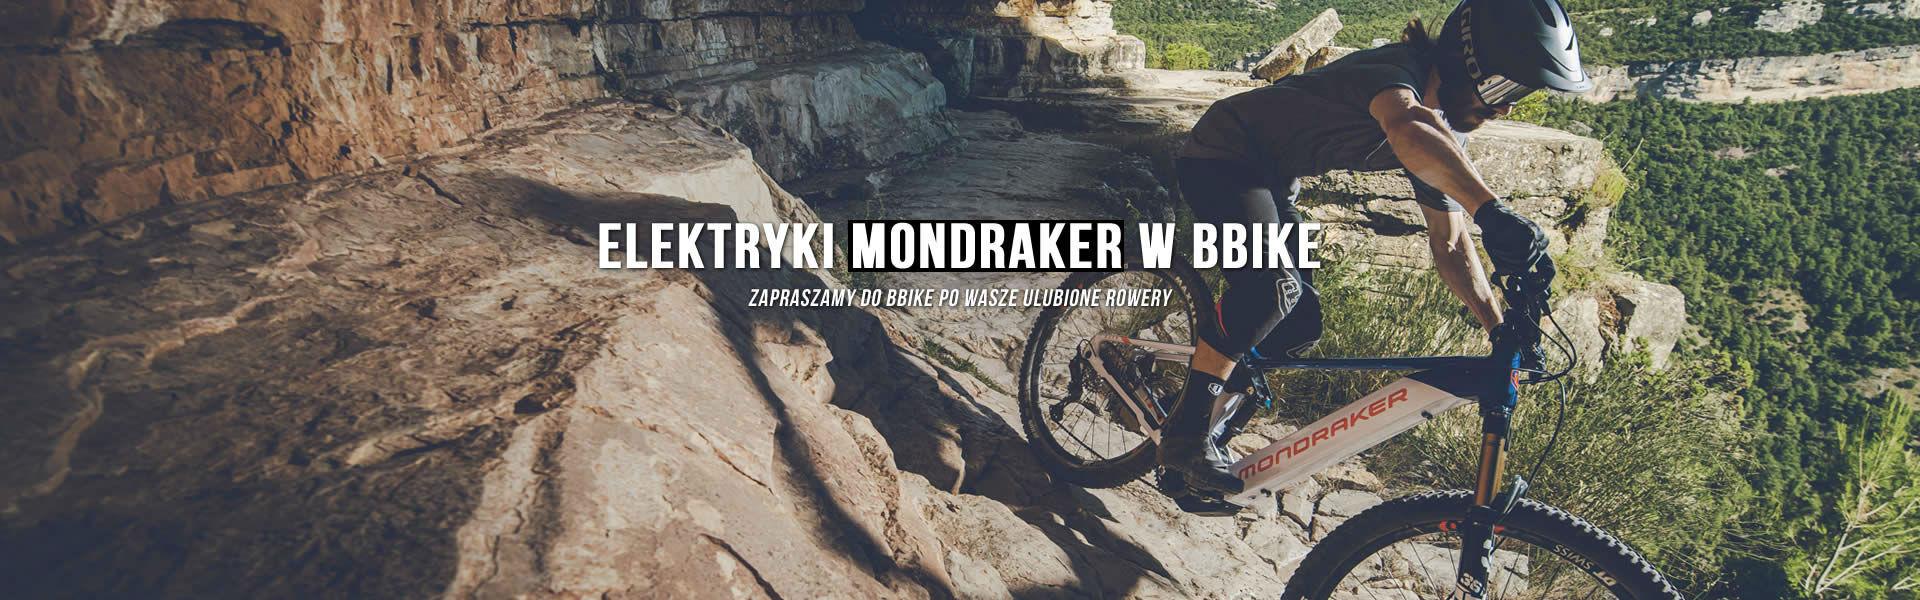 Elektryczne rowery Enduro i Trail Mondraker już są dostępne!